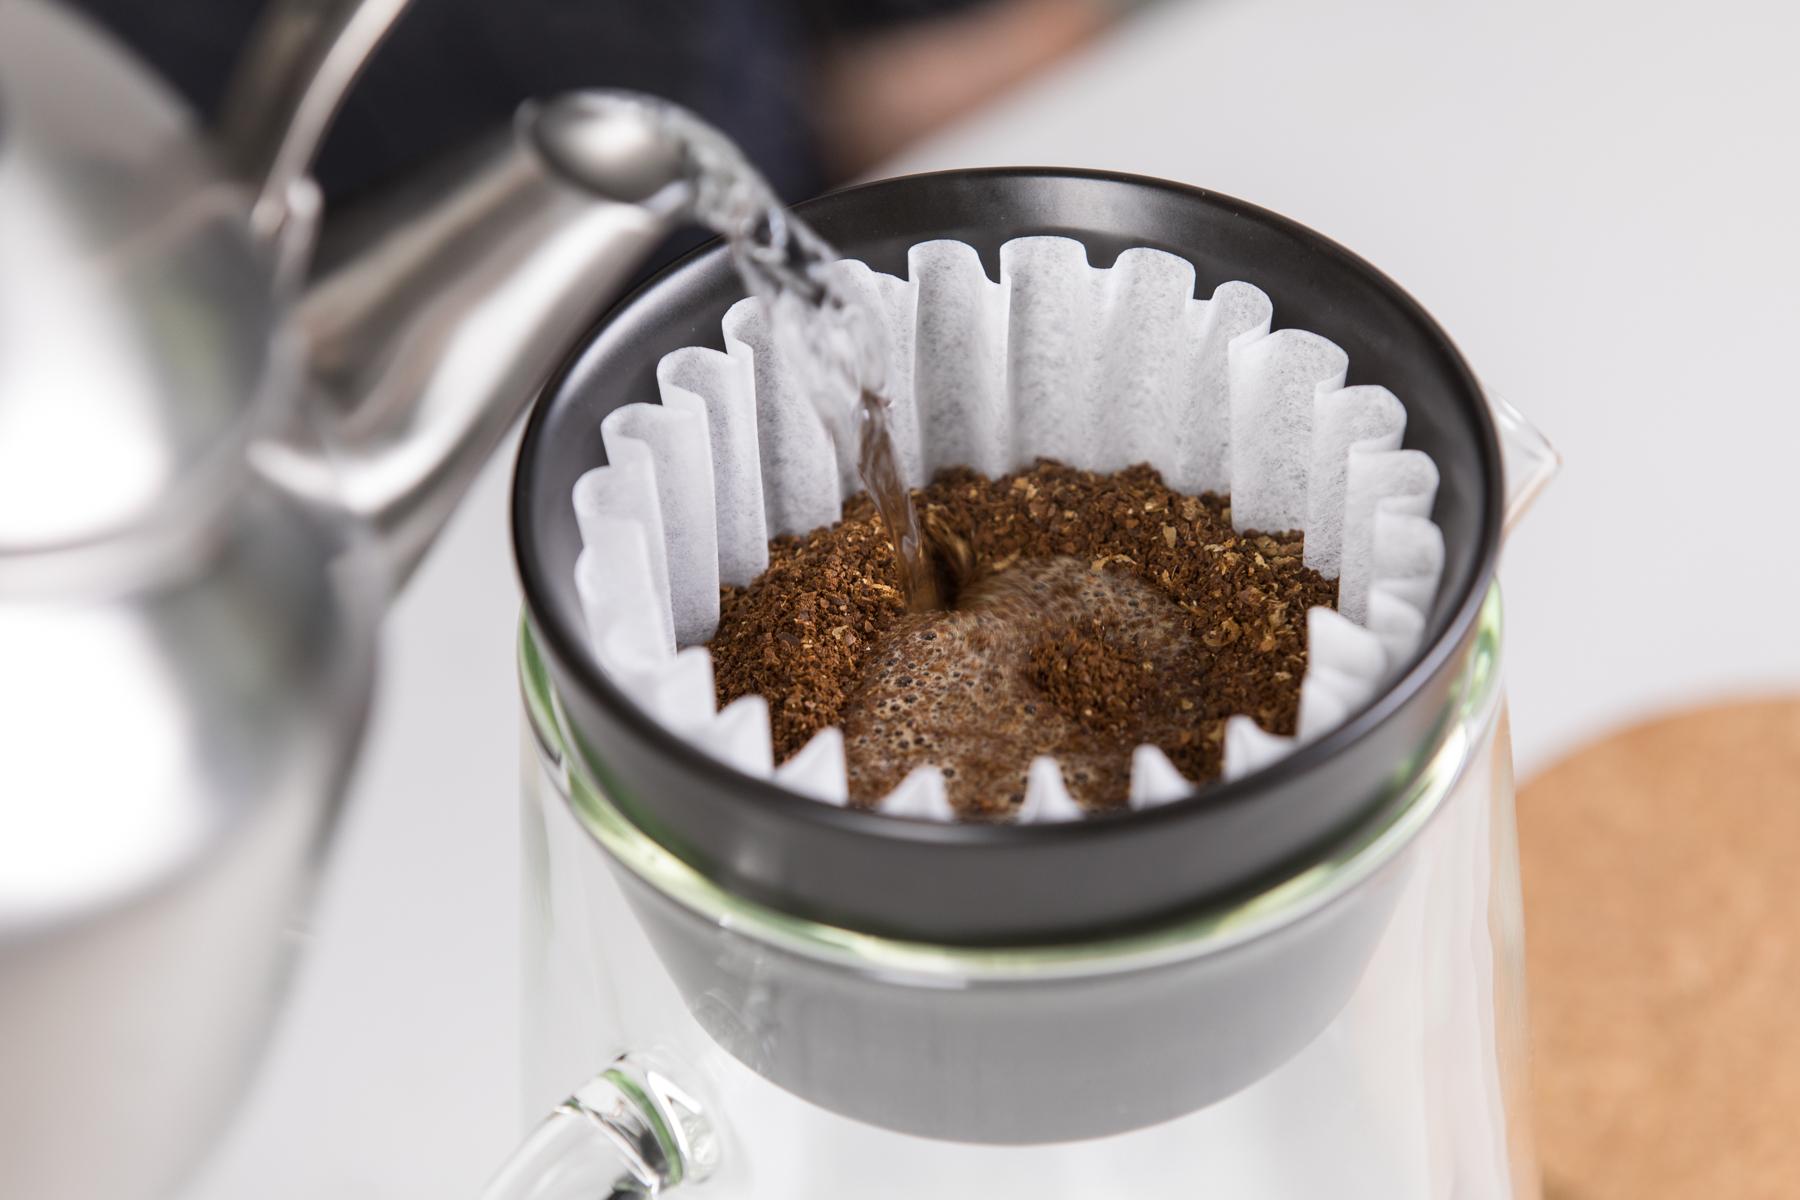 CoffeemakerNo3_Web-33.jpg